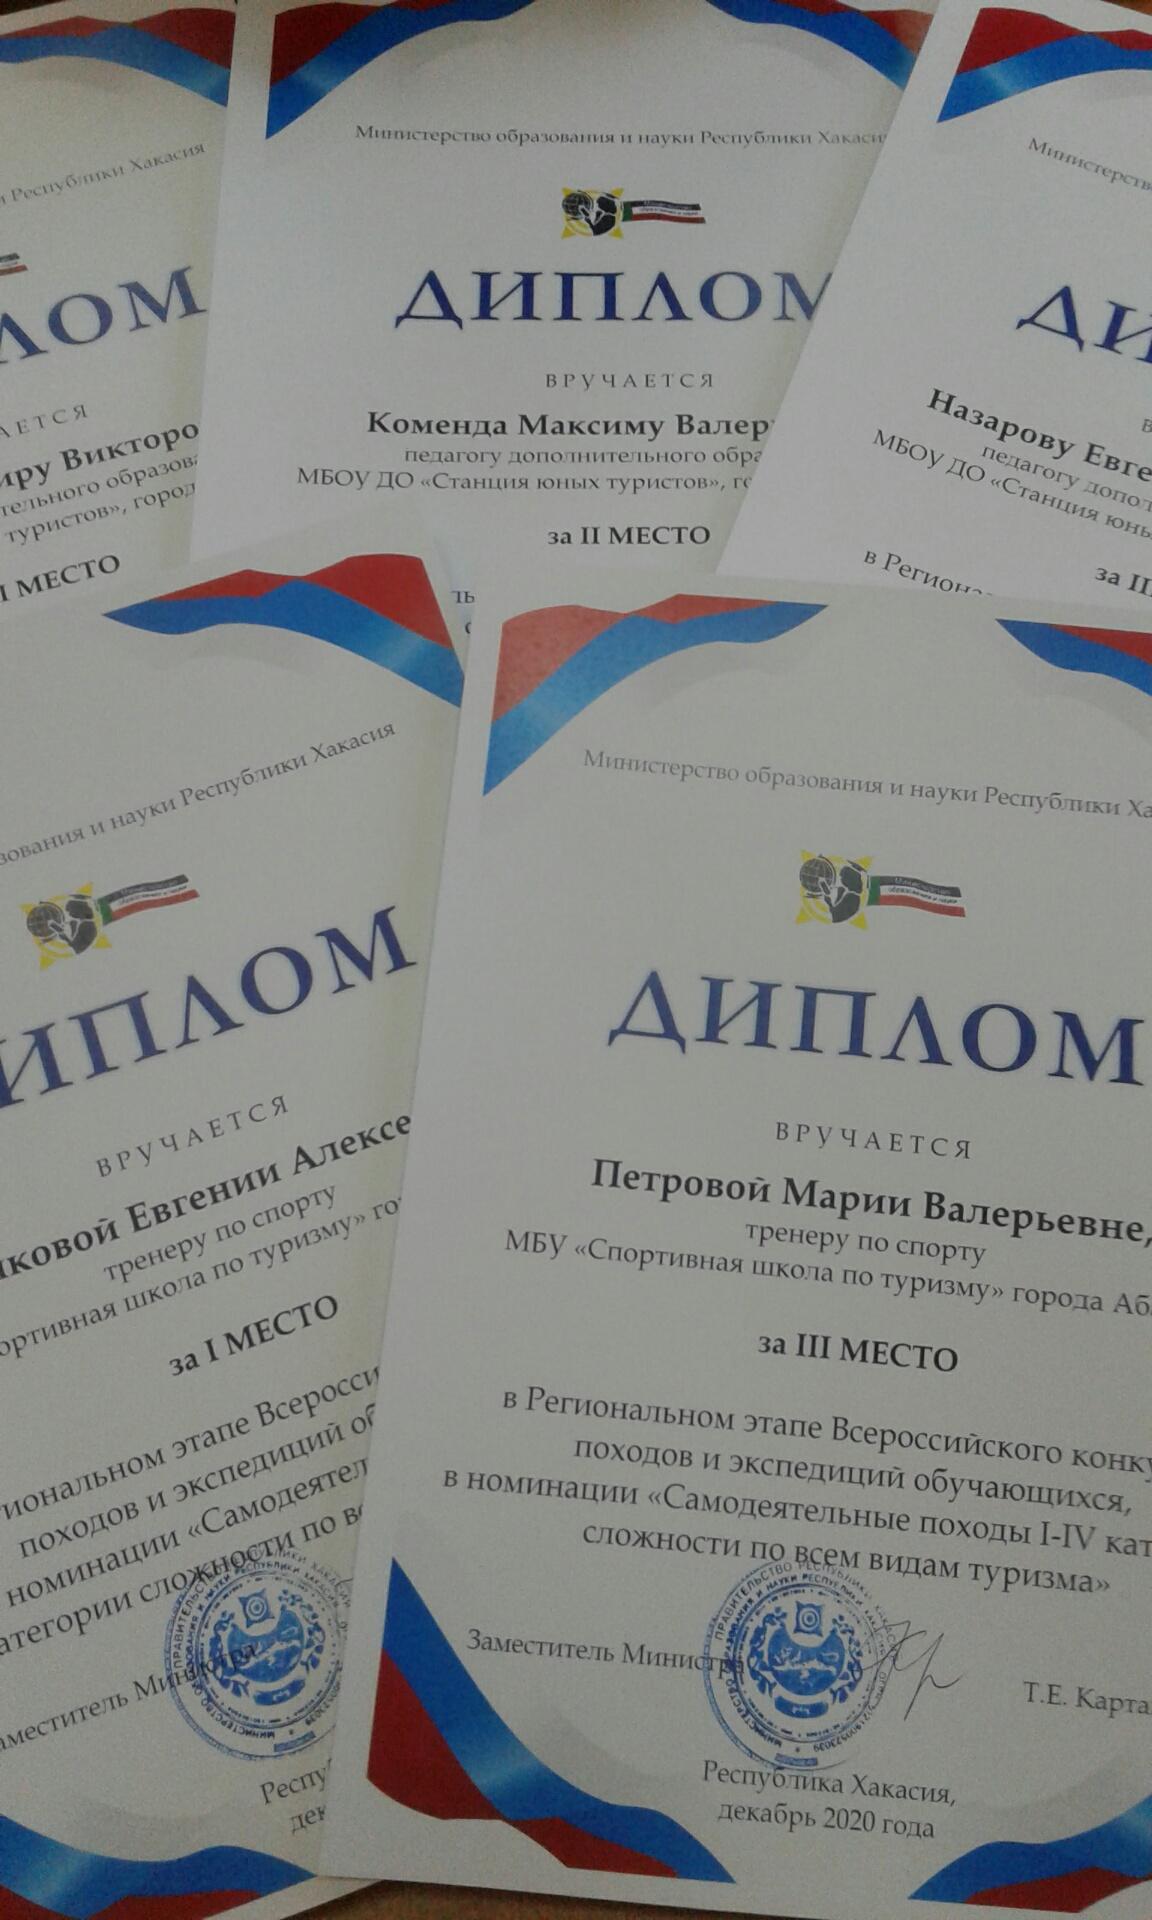 Подведены итоги регионального этапа Всероссийского конкурса походов  и экспедиций, обучающихся